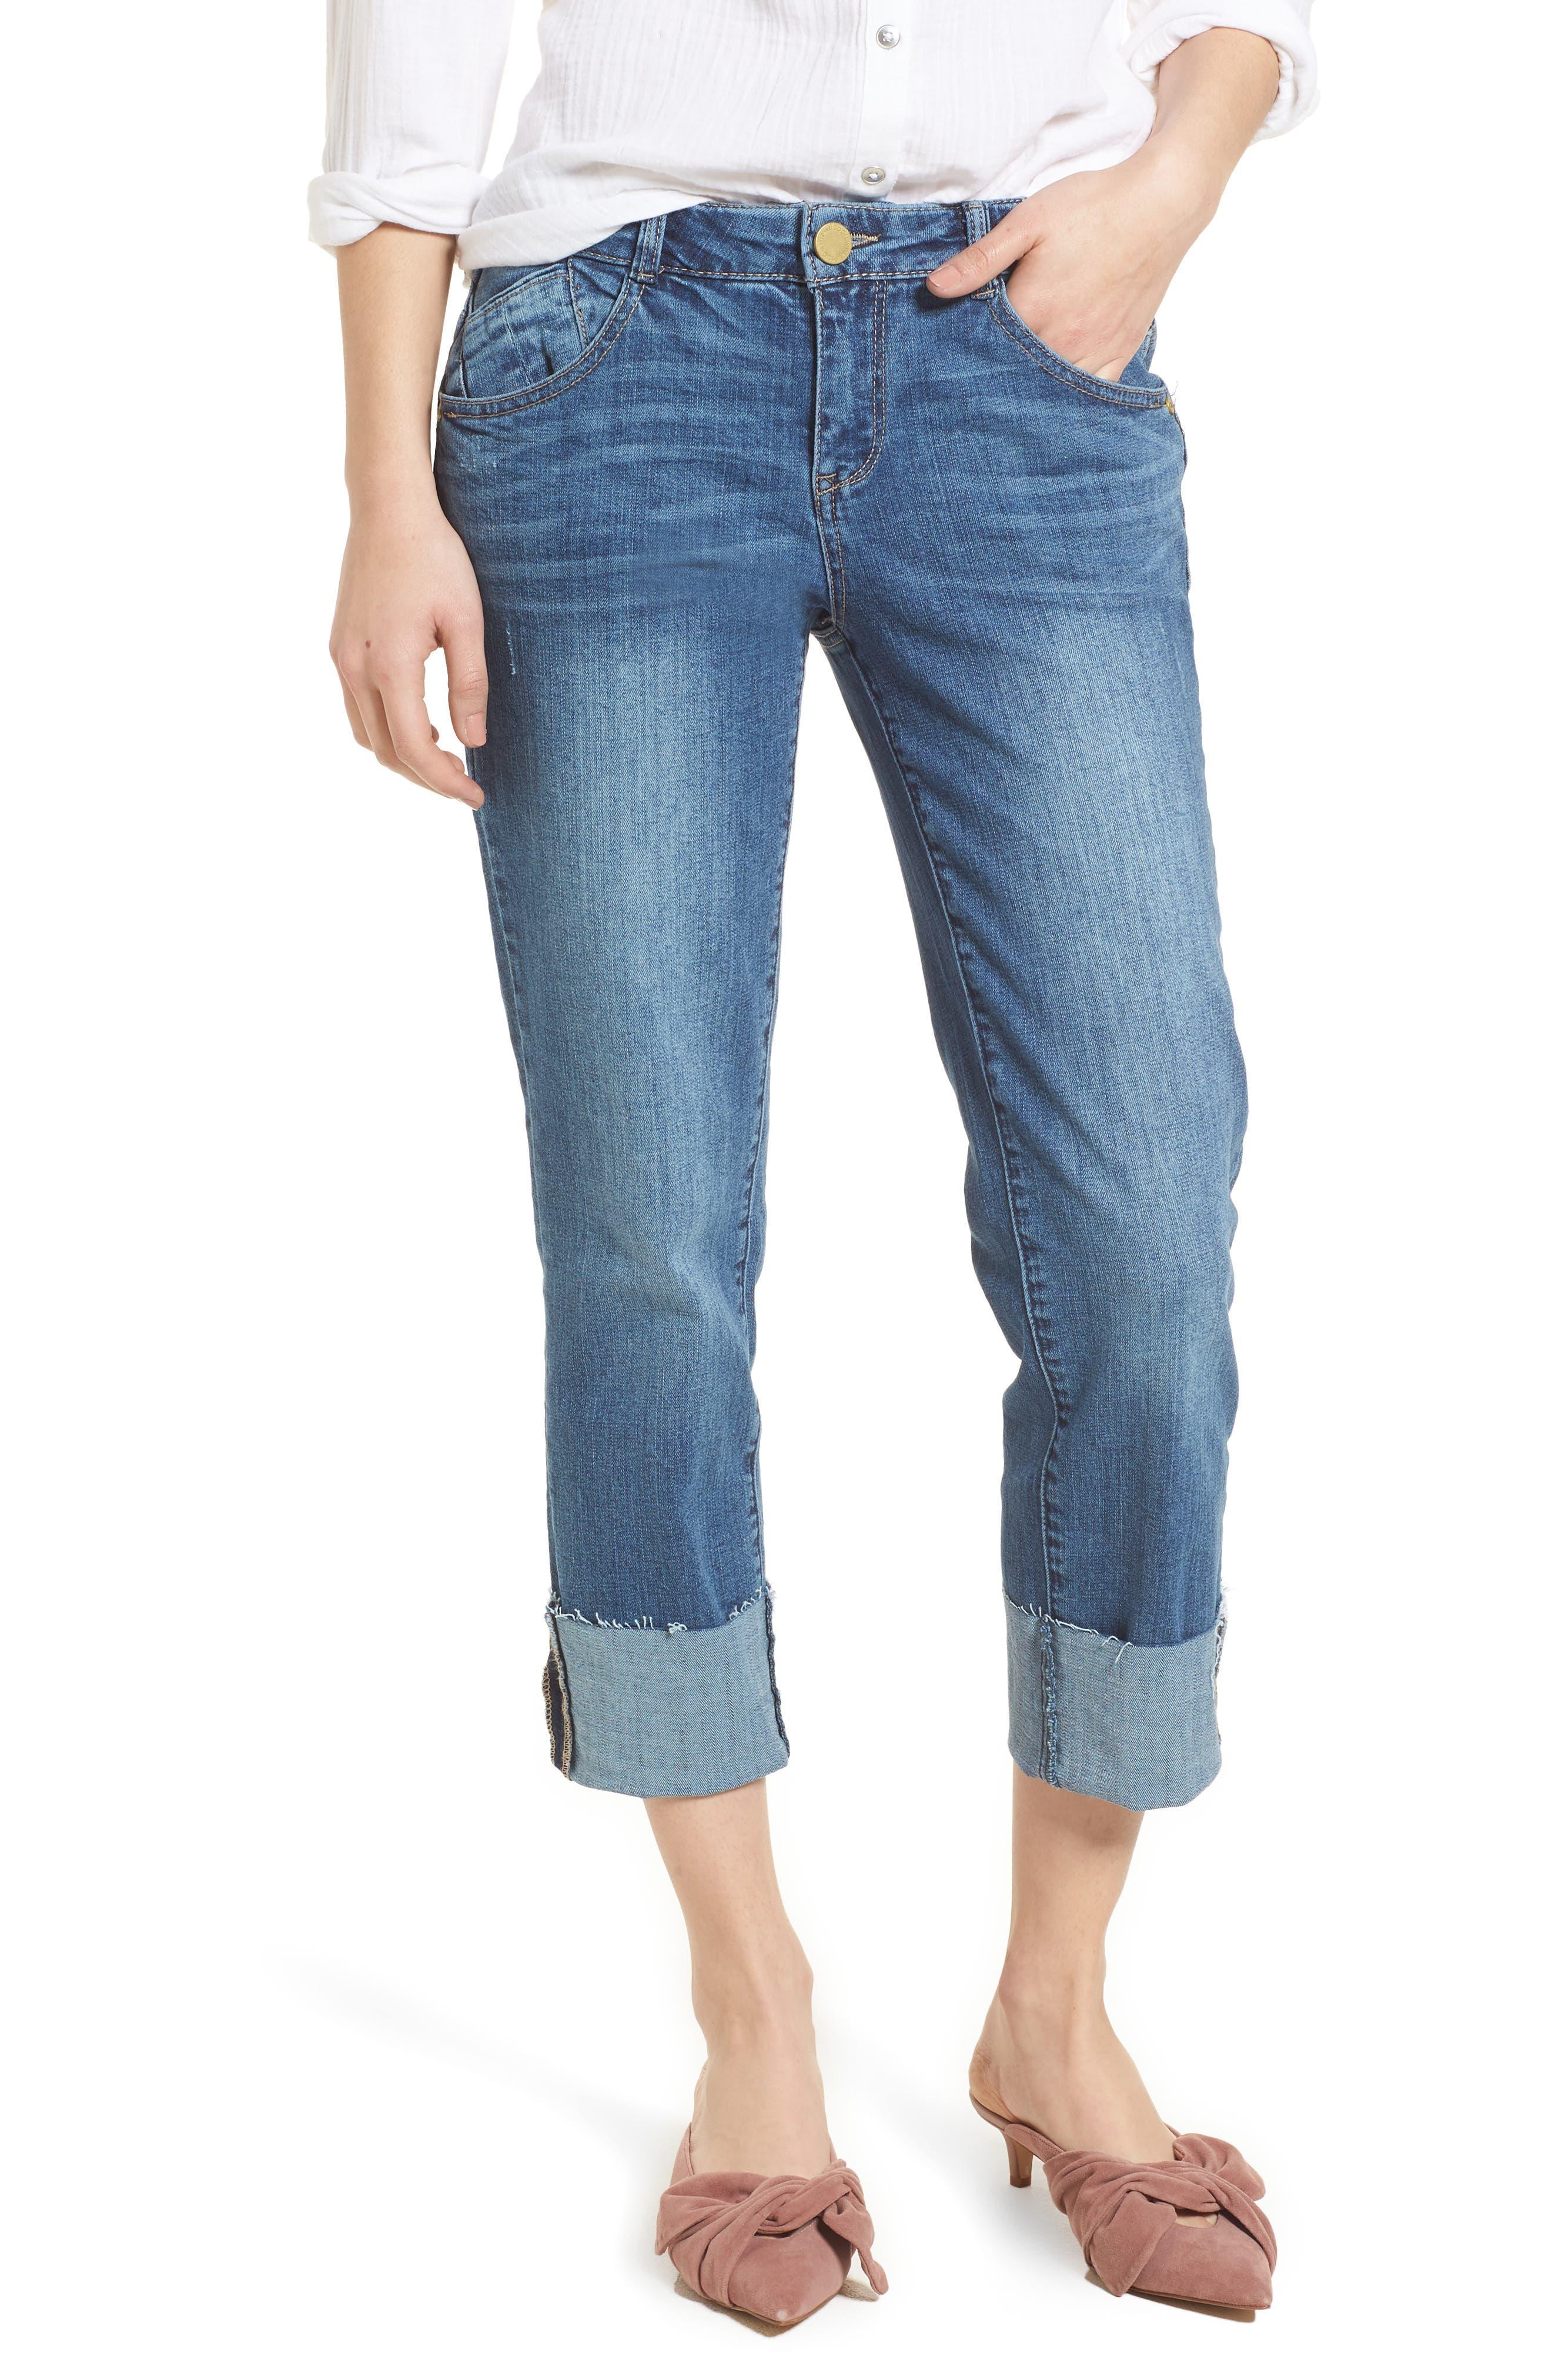 WIT & WISDOM, Flex-ellent Cuffed Boyfriend Jeans, Main thumbnail 1, color, BLUE